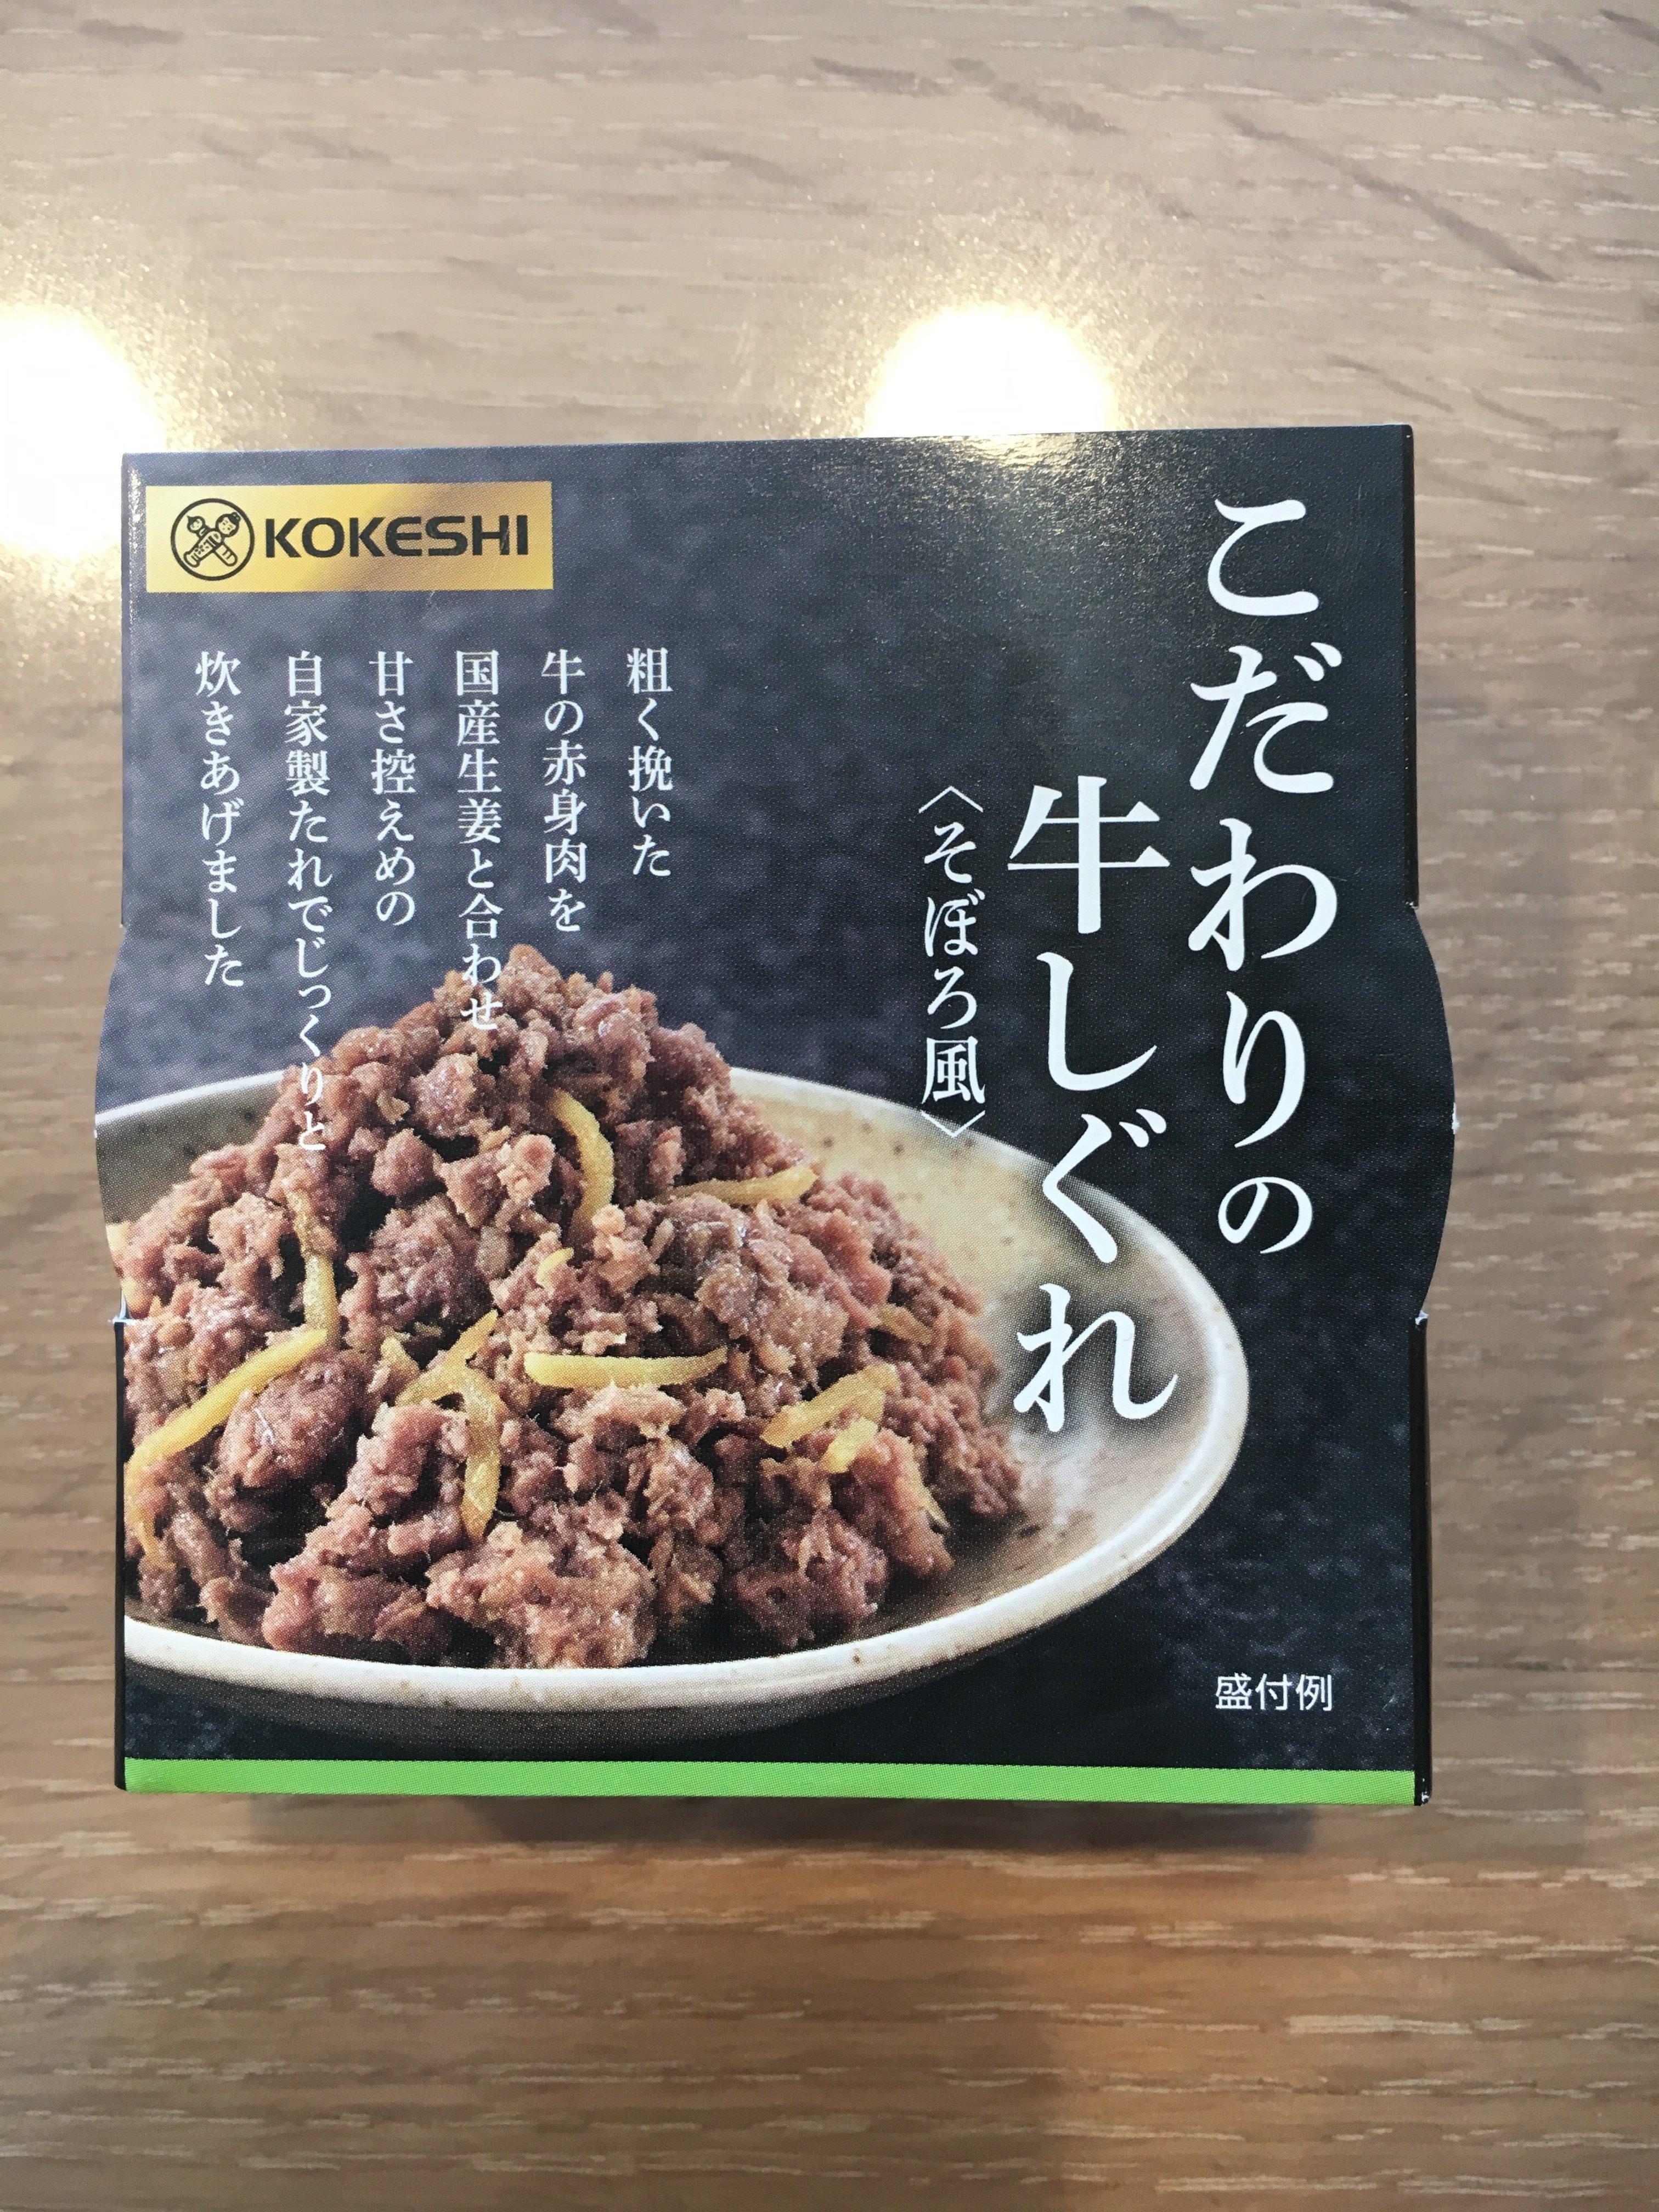 KOKESHI 缶詰 こだわりの牛しぐれ(そぼろ風) 新しい食感です